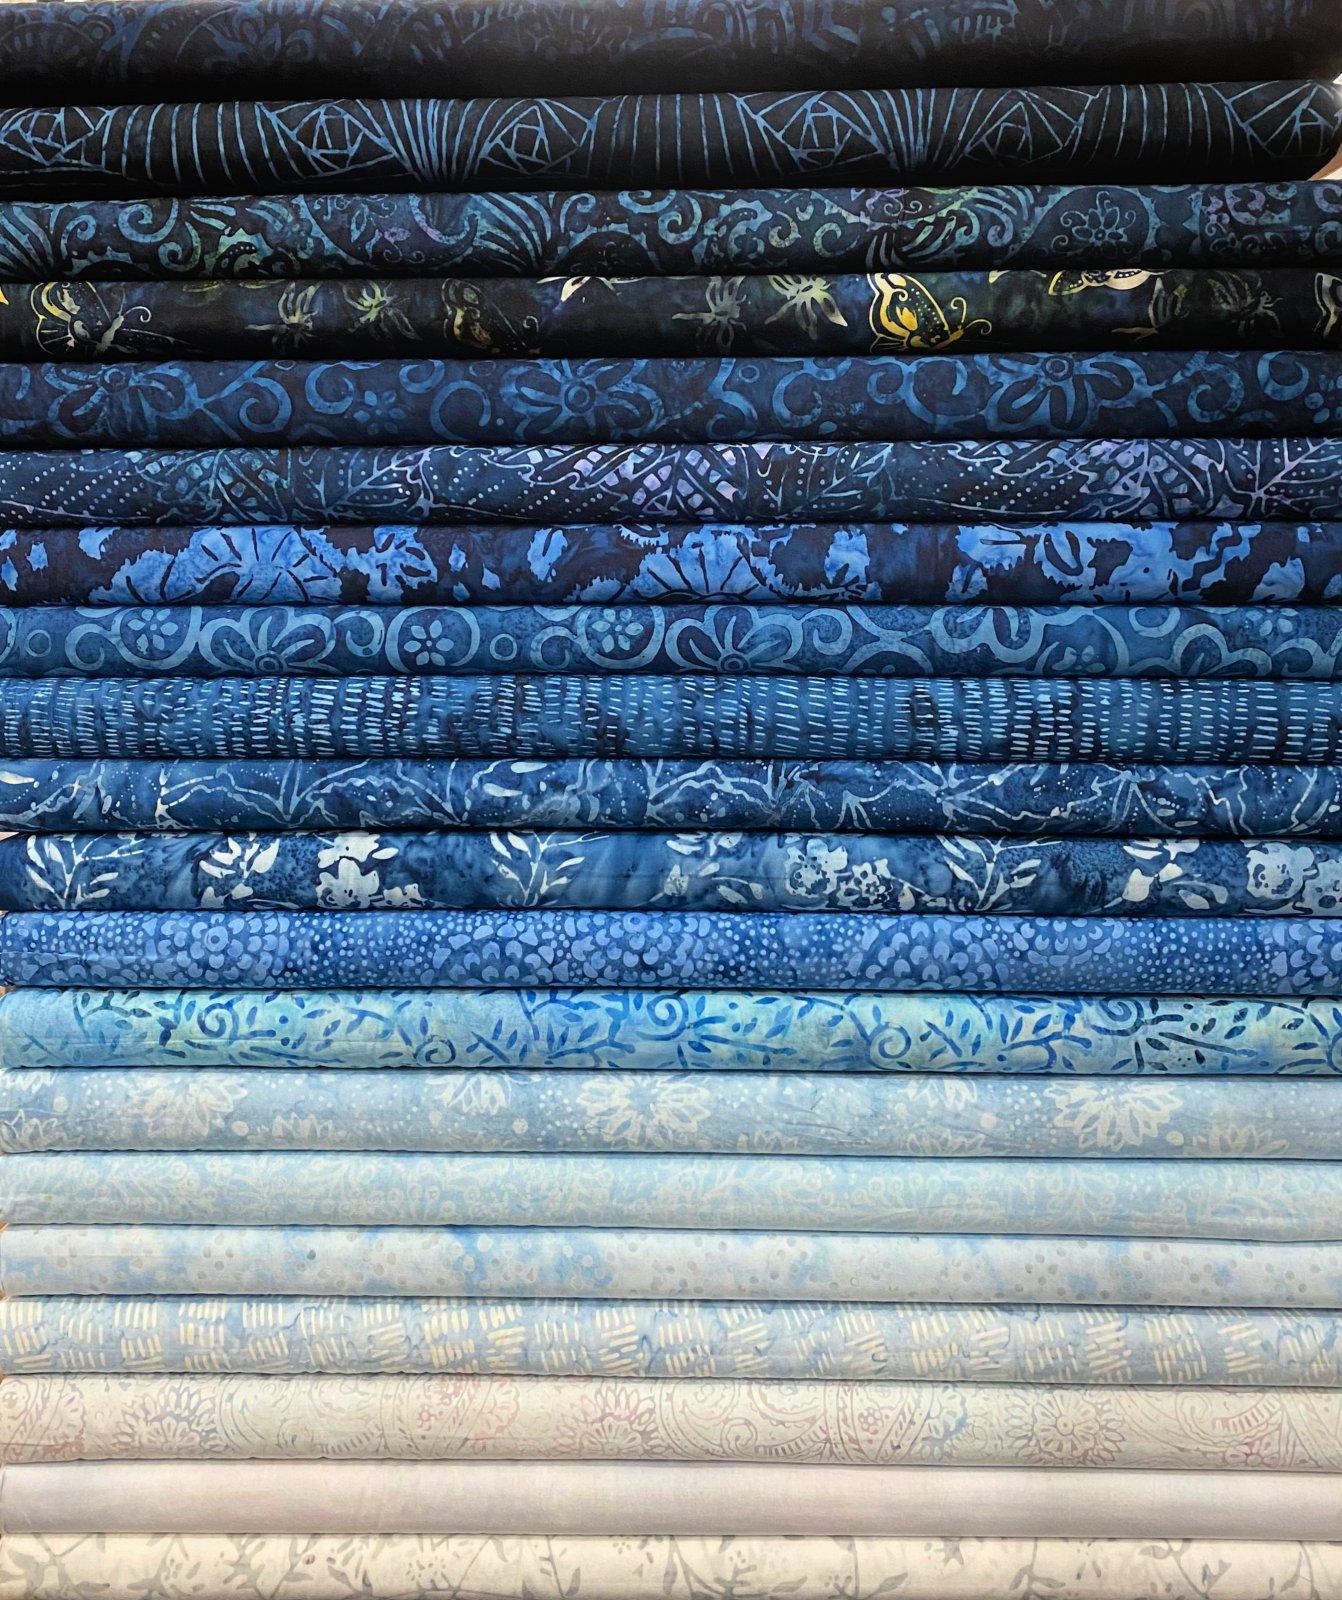 Blue Moon Batik Fat Quarters - 20 FQ's